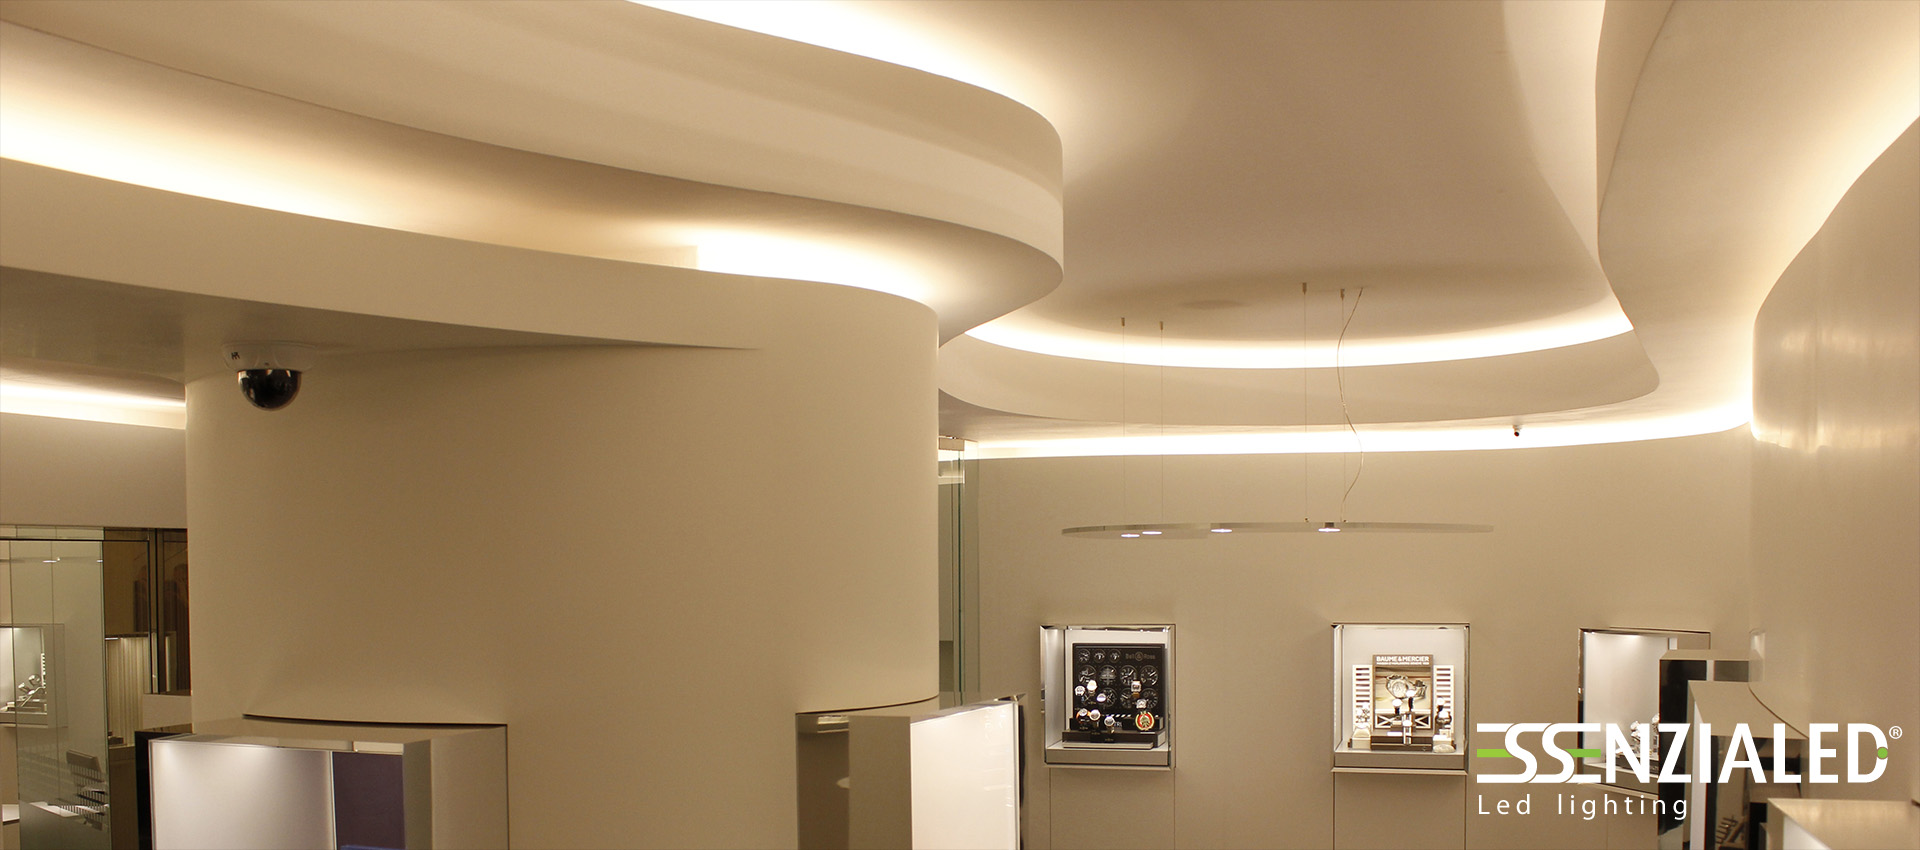 Illuminazione Led per negozi - Made in Italy - EssenzialedEssenzialed – Illuminazione a led